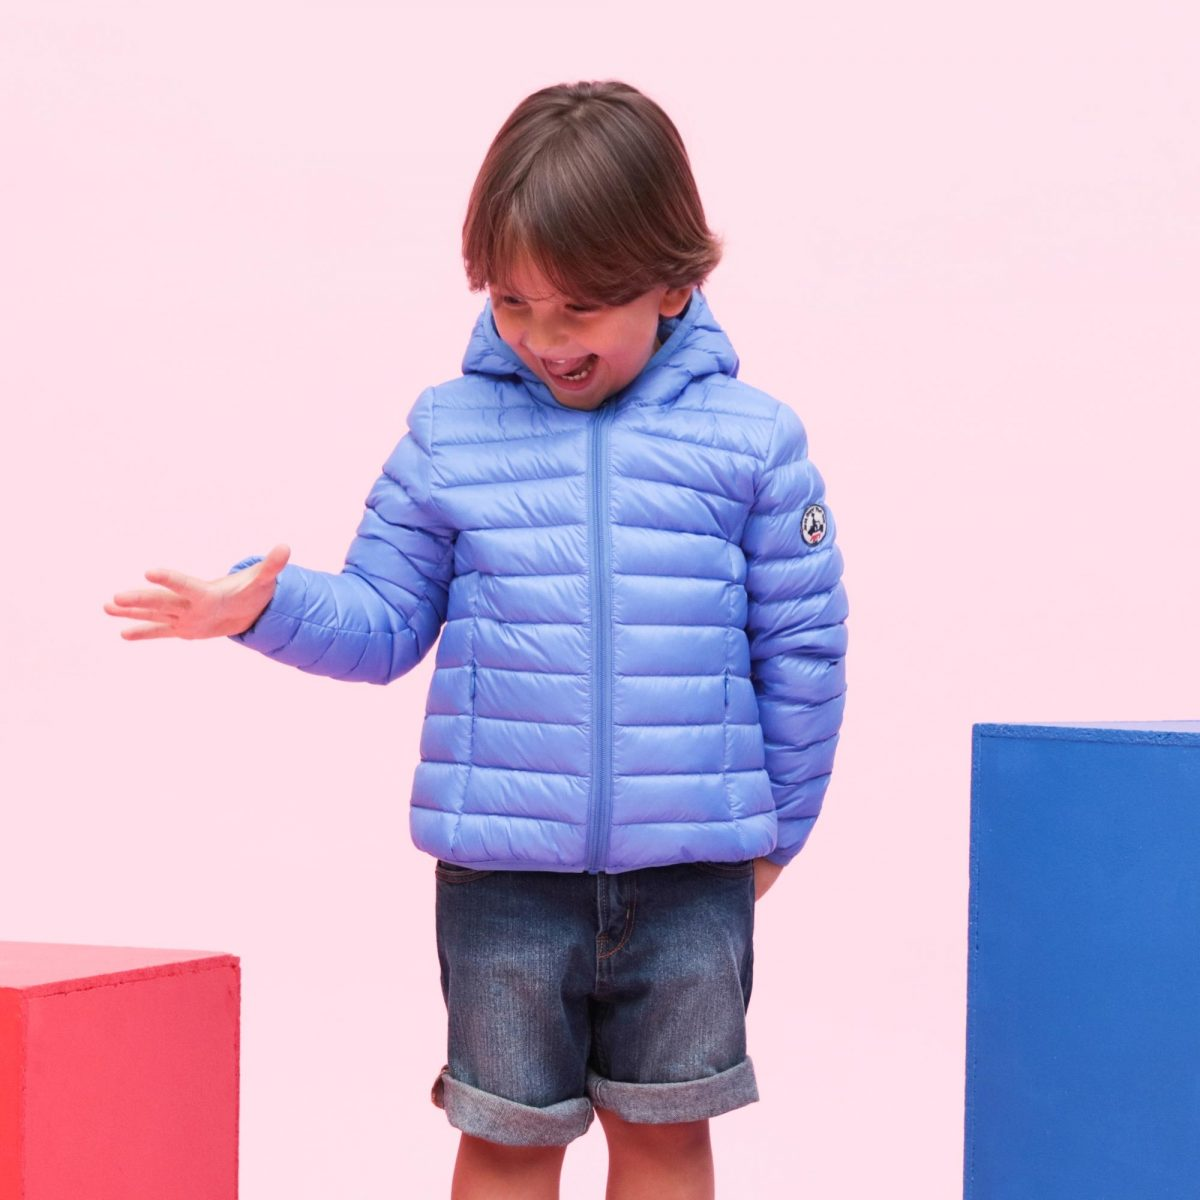 finest selection 6020a b74ed Piumino 100 grammi bambini: i modelli più fashion per la ...